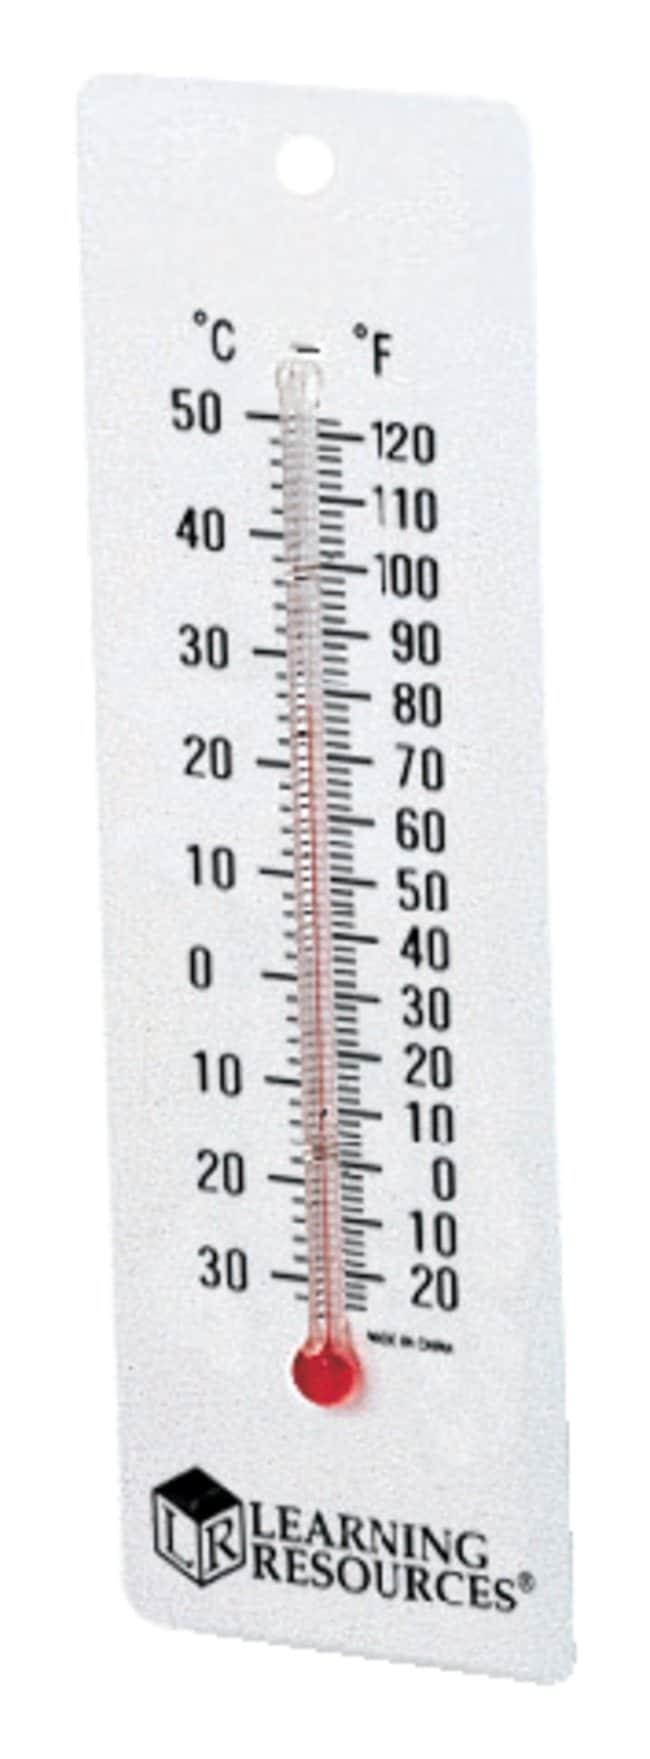 Student Thermometers Student Thermometers:Thermometers and Temperature